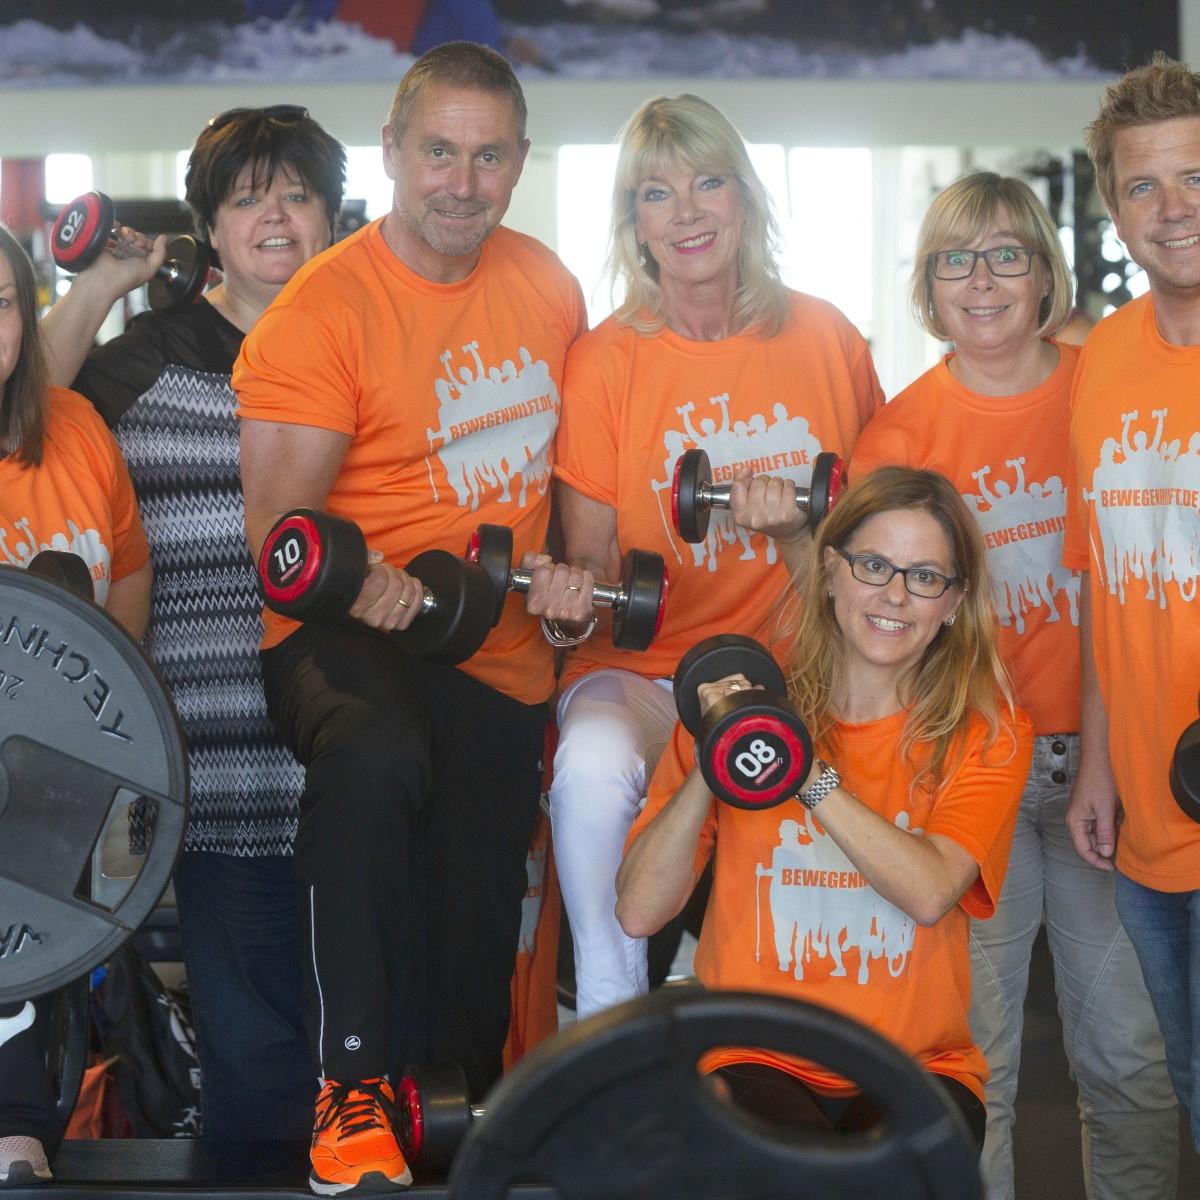 13+ Die Charity Aktion Bewegen hilft startet bald am Niederrhein   nrz.de Image